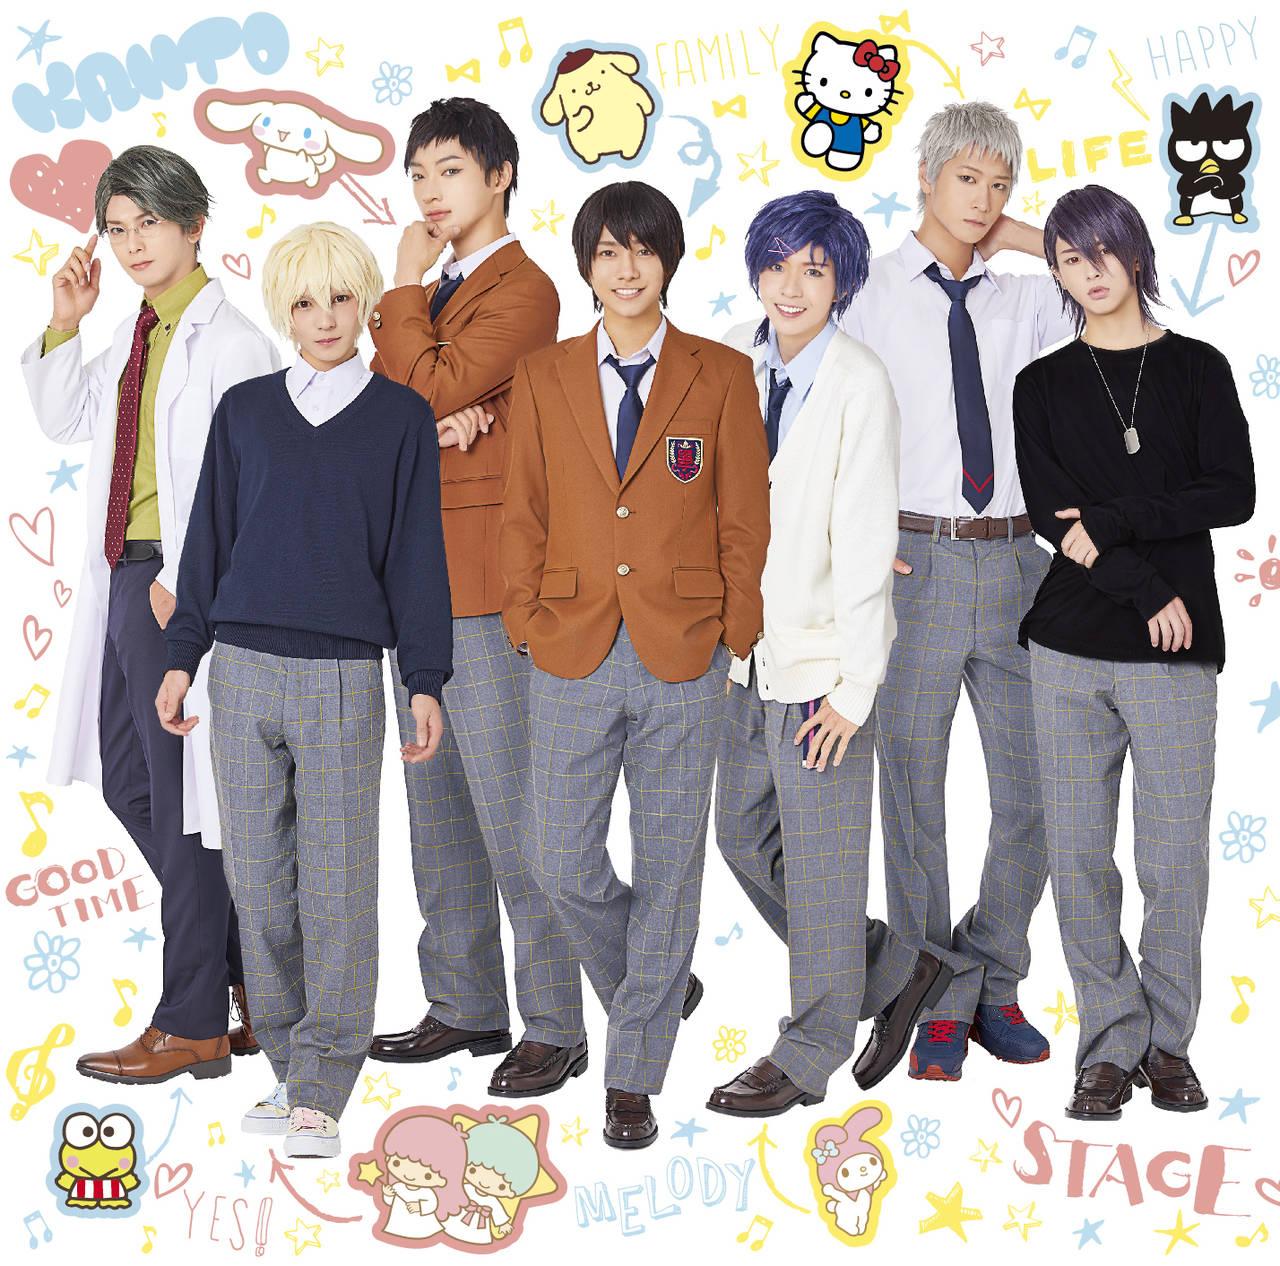 舞台『サンリオ男子』、総勢12名のユニットソングが11/28(水)発売決定!